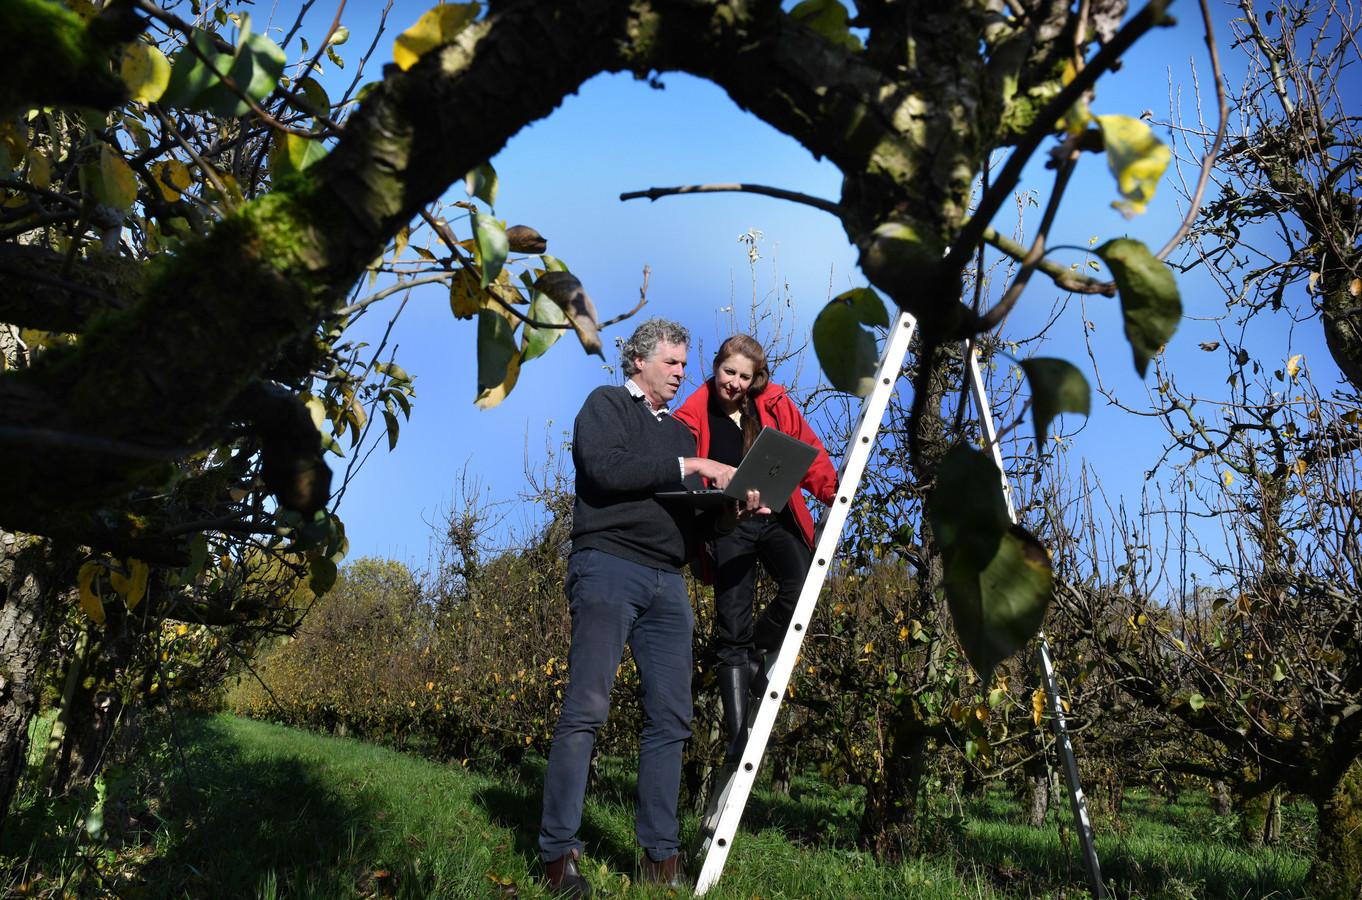 Belle van Dijk met onderzoeker Gijs van Heemstra in de boomgaard waar het onderzoek gehouden gaat worden met zonnepanelen boven de perenbomen.